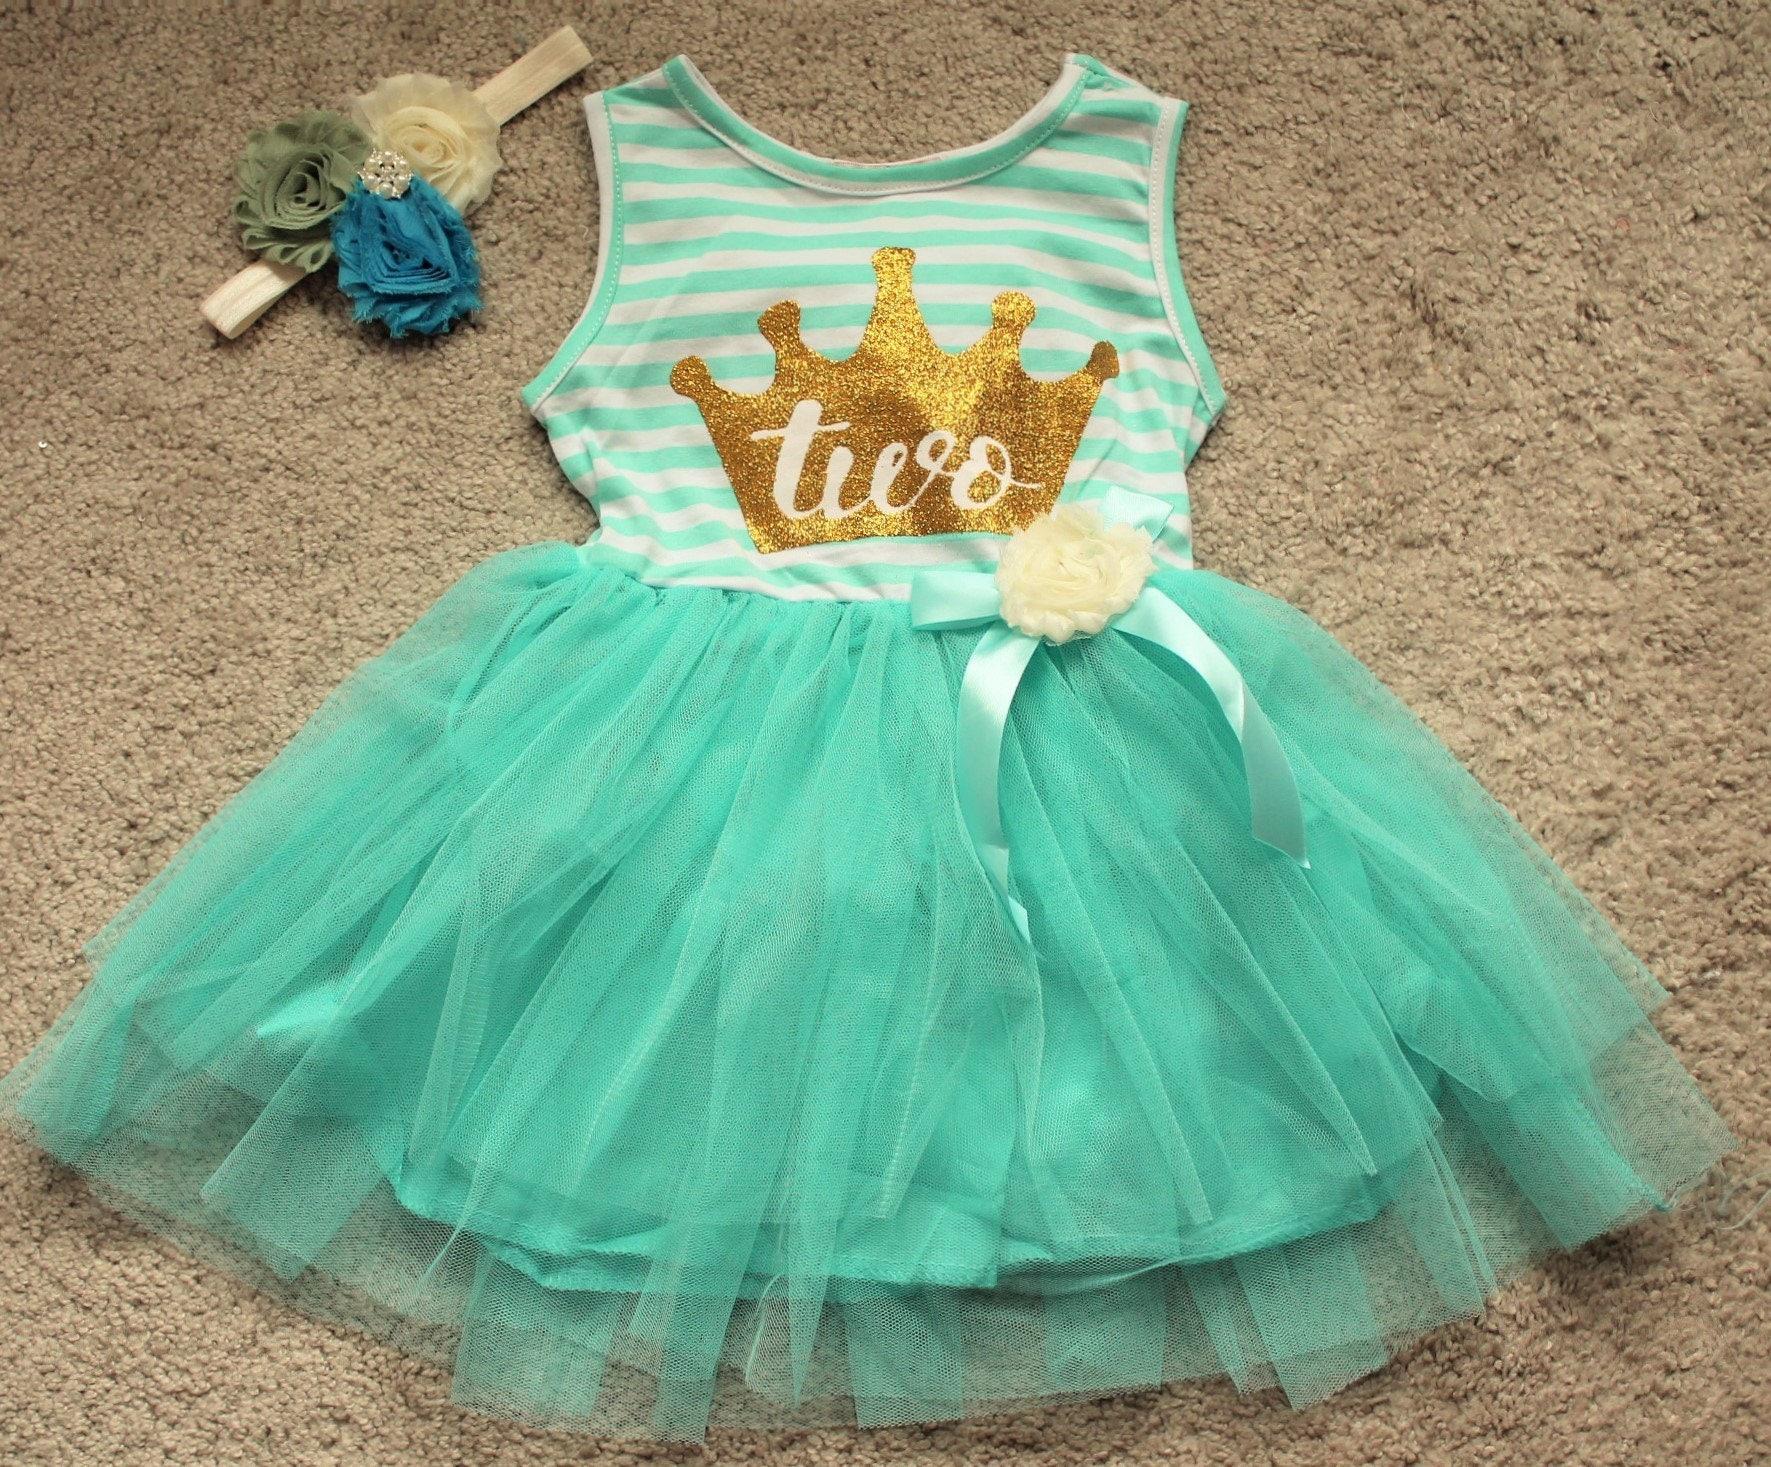 Blue Baby Girl Second Birthday Sleeveless Dress,Infant 24m children ...